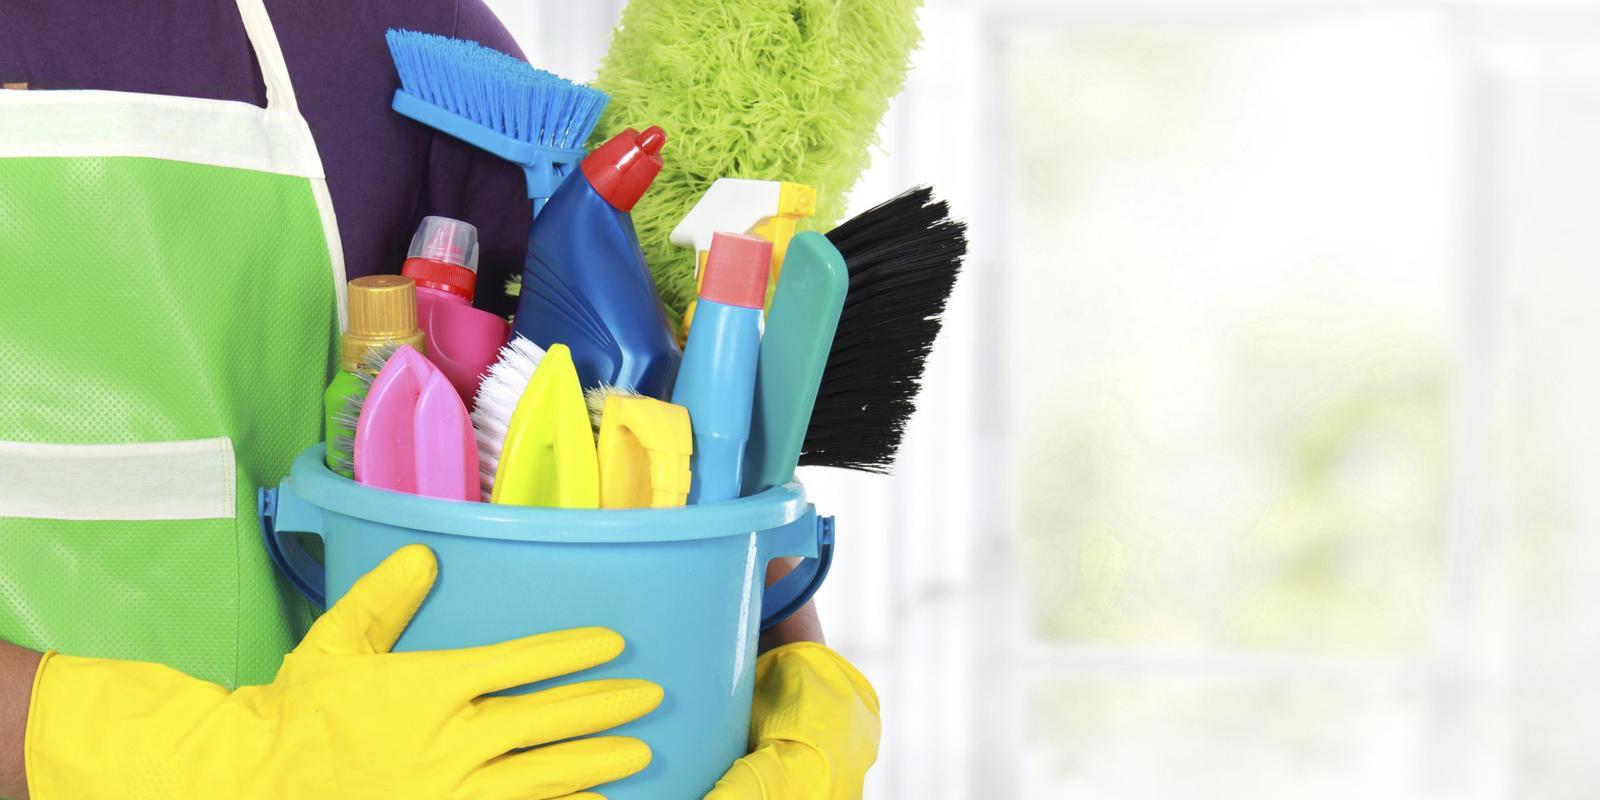 Upratovanie a starostlivosť o domácnosť - Fotka skupiny